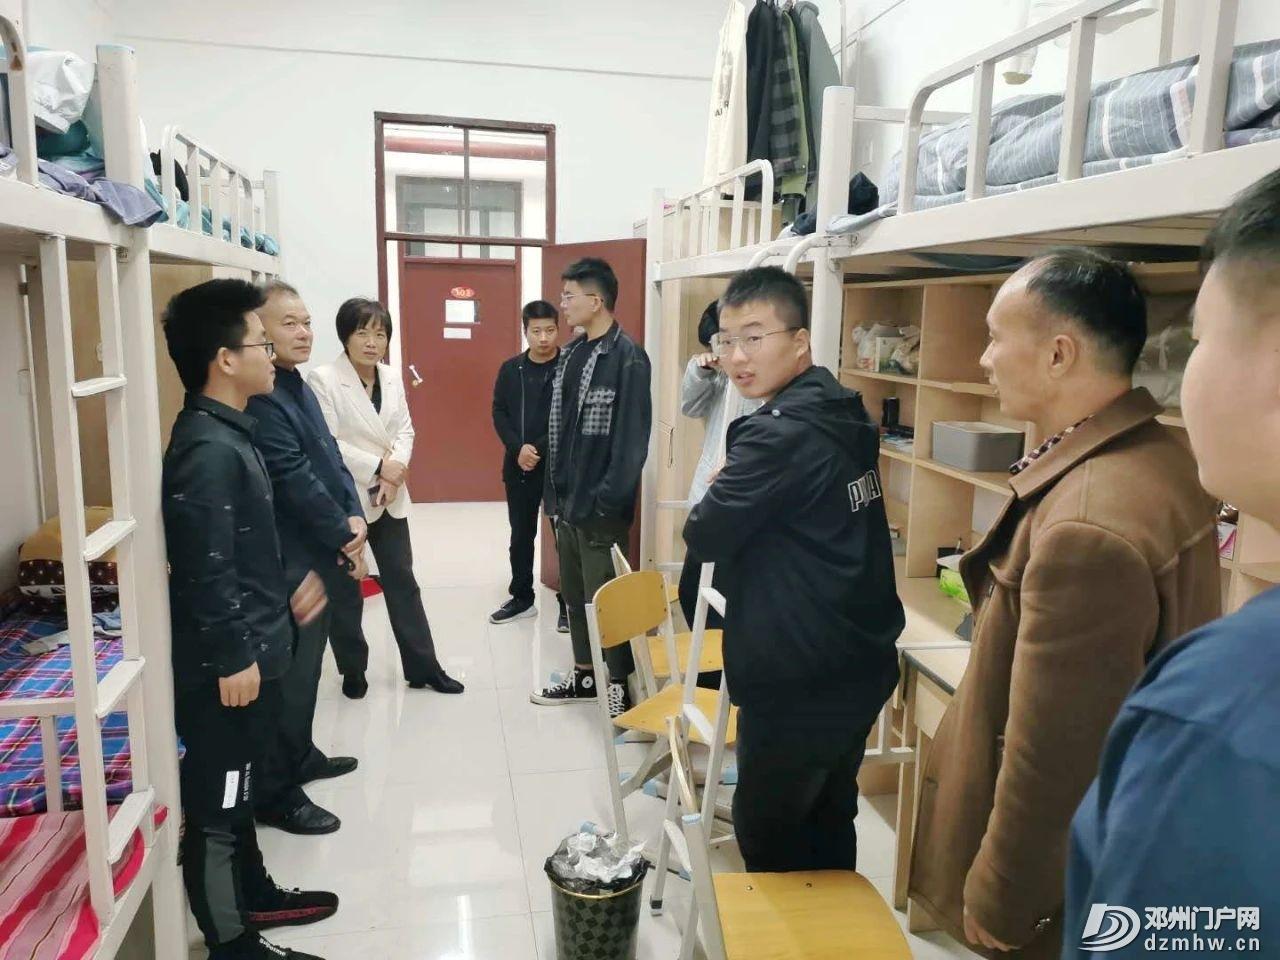 南阳科技职业学院喜迎2020级新同学! - 邓州门户网|邓州网 - 92bdd2ae2d6b89e30dd312b085642e93.jpg